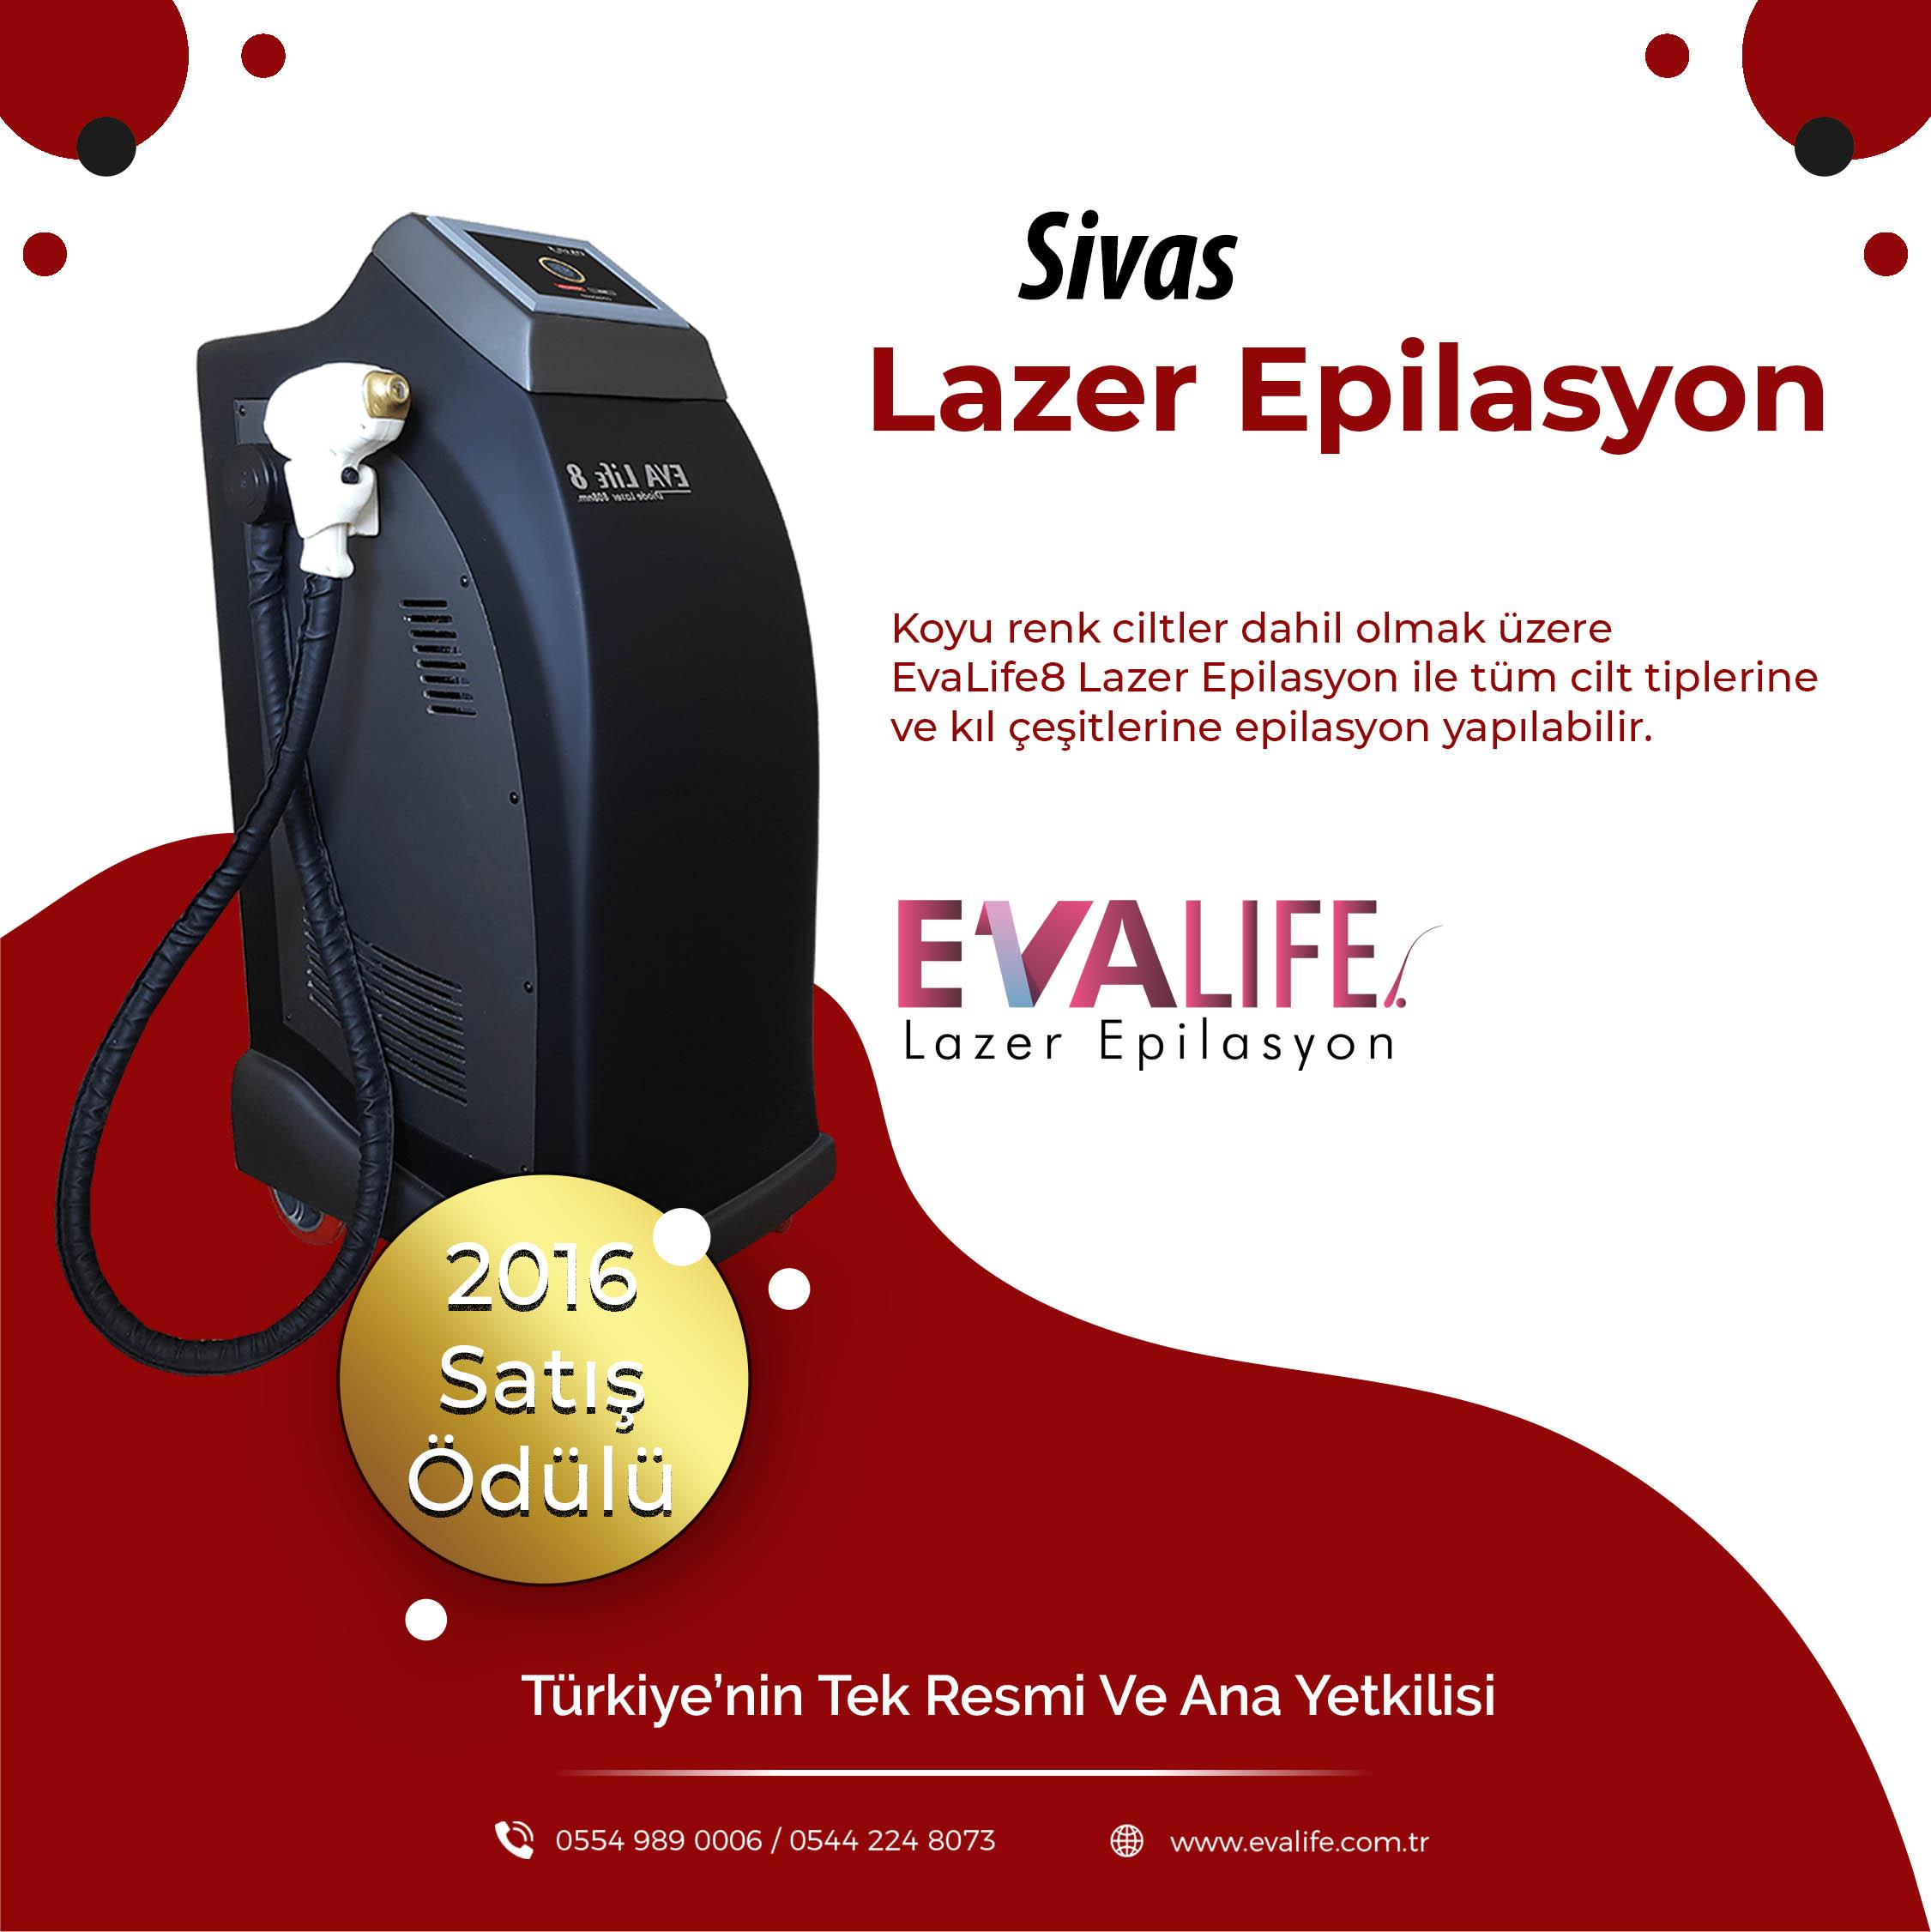 Sivas Lazer Epilasyon